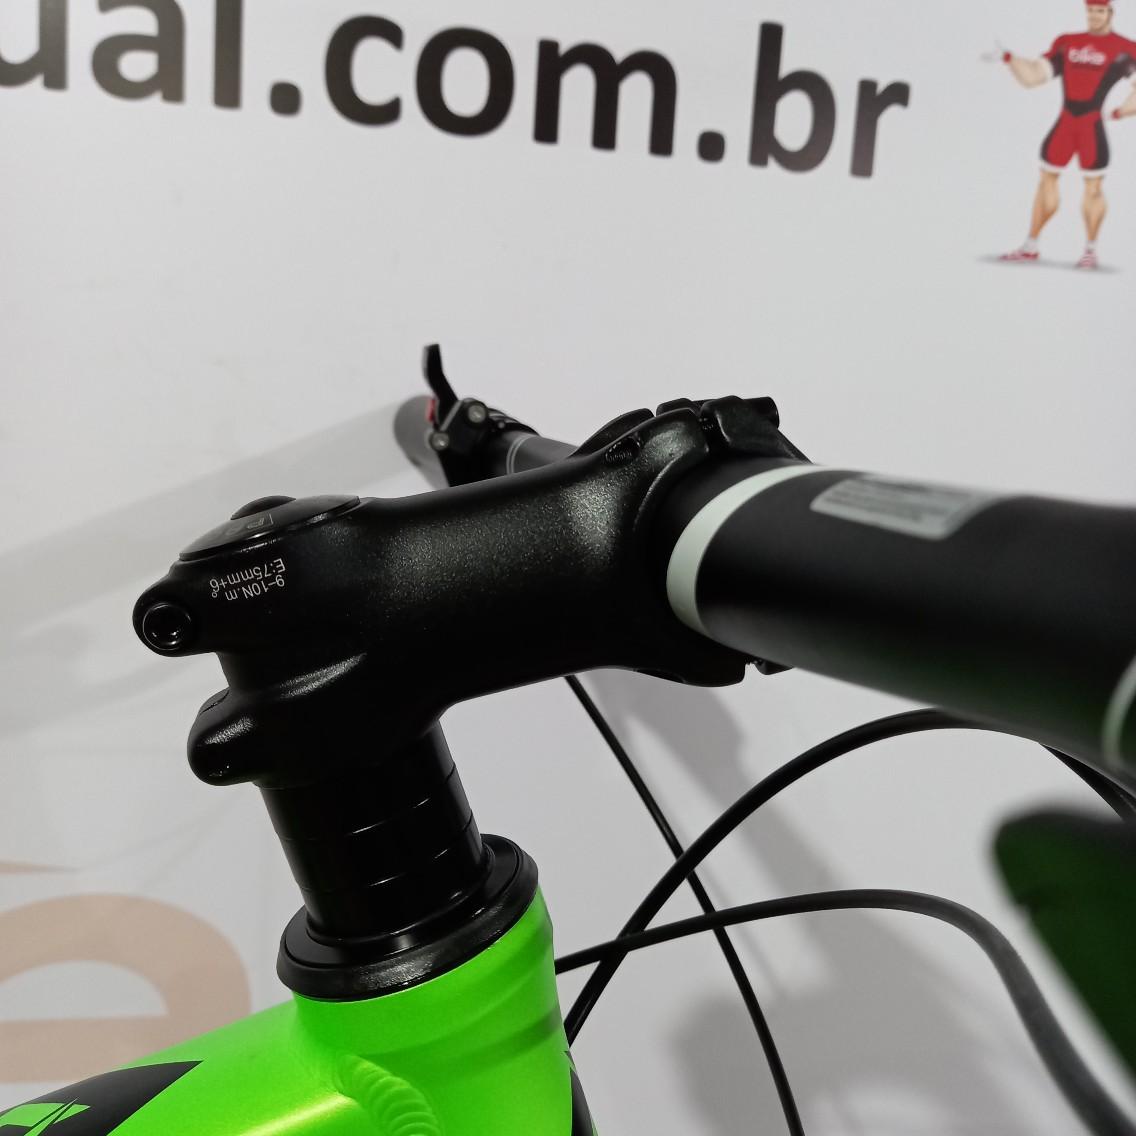 Bicicleta FIRST Lunix aro 29 - 11v Shimano Deore - Suspensão Absolute Prime - Freio Shimano Hidráulico